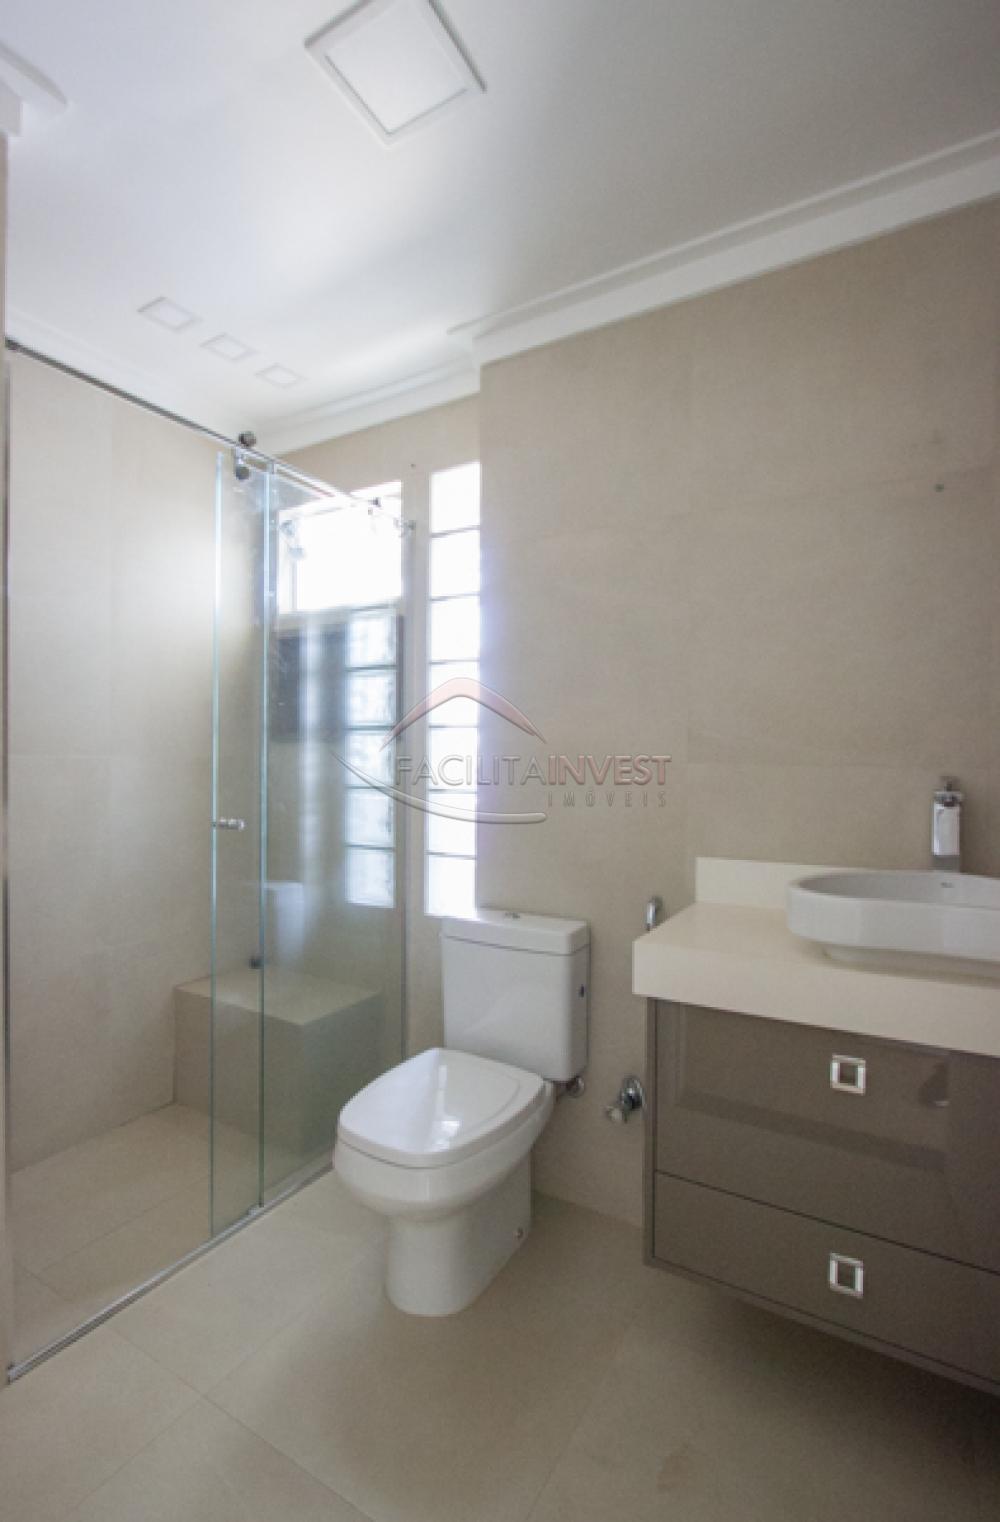 Comprar Apartamentos / Apart. Padrão em Ribeirão Preto apenas R$ 275.000,00 - Foto 8